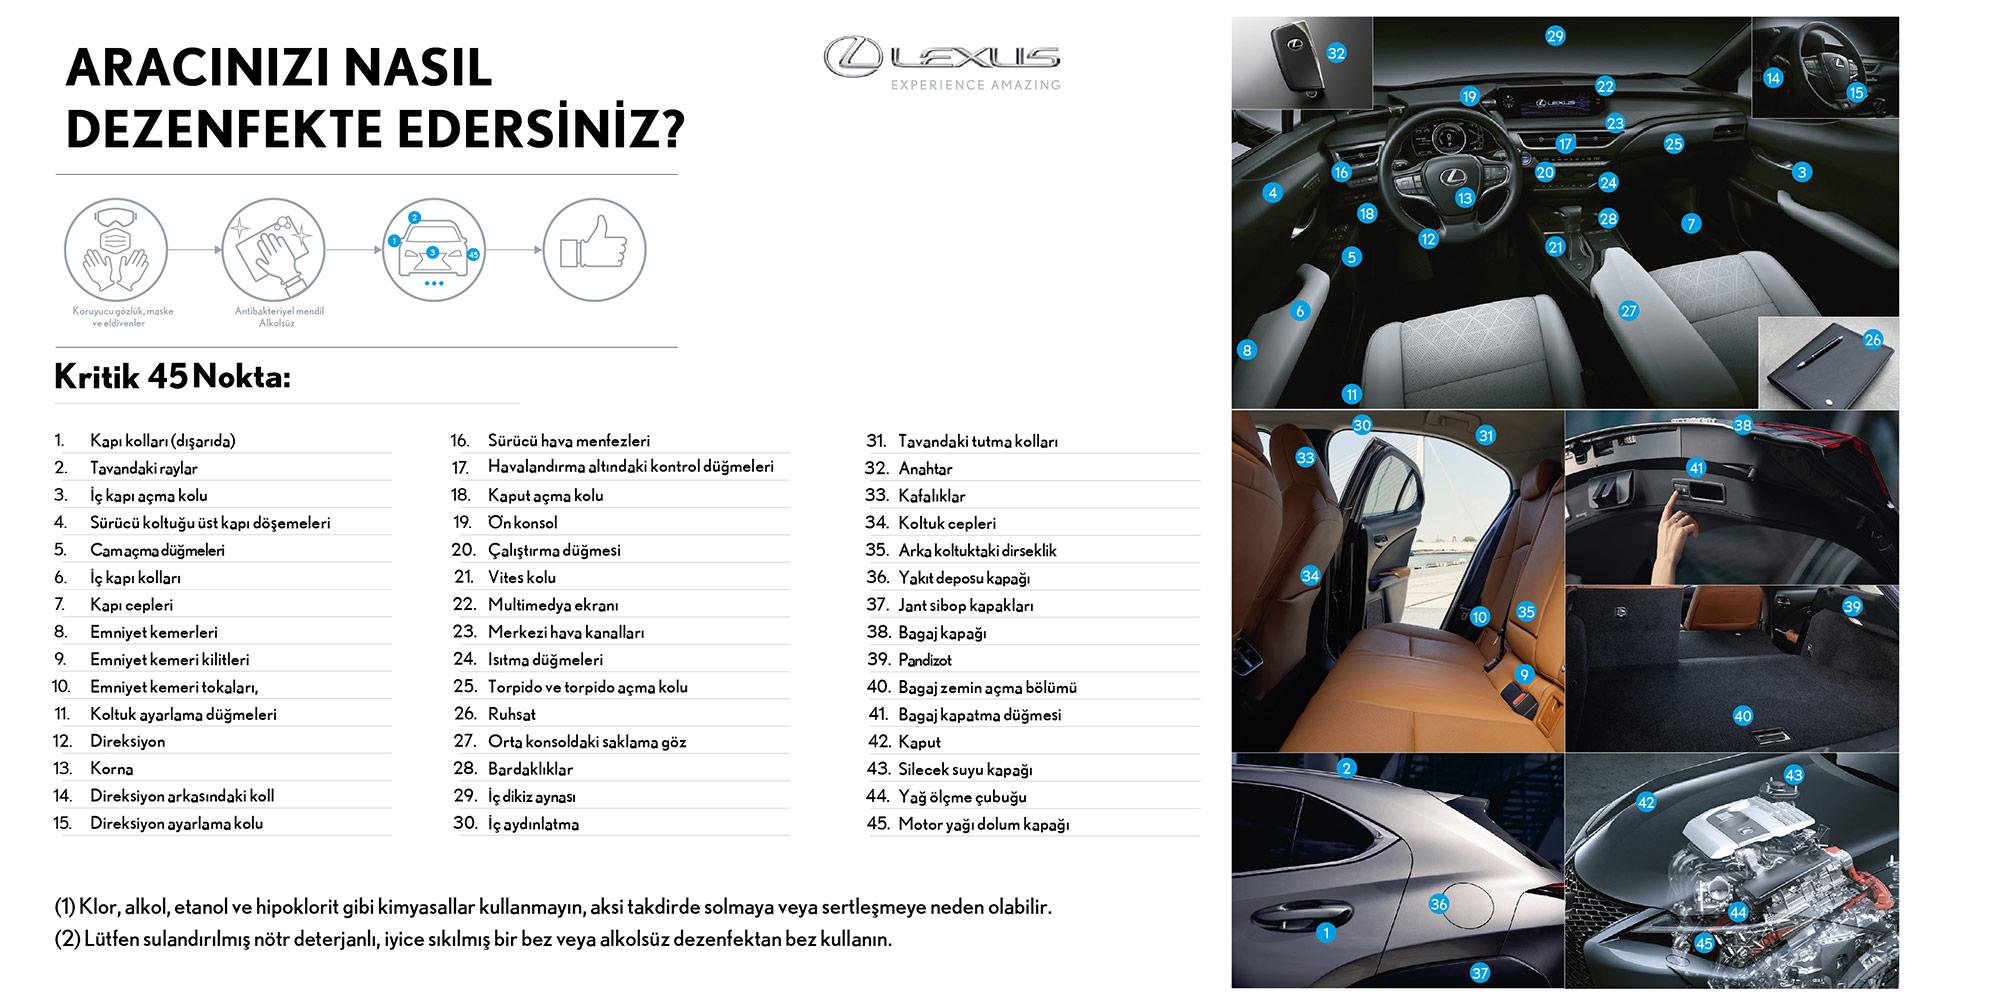 Lexus'unuzu nasıl dezenfekte edersiniz 1997x1005 02 Image v2